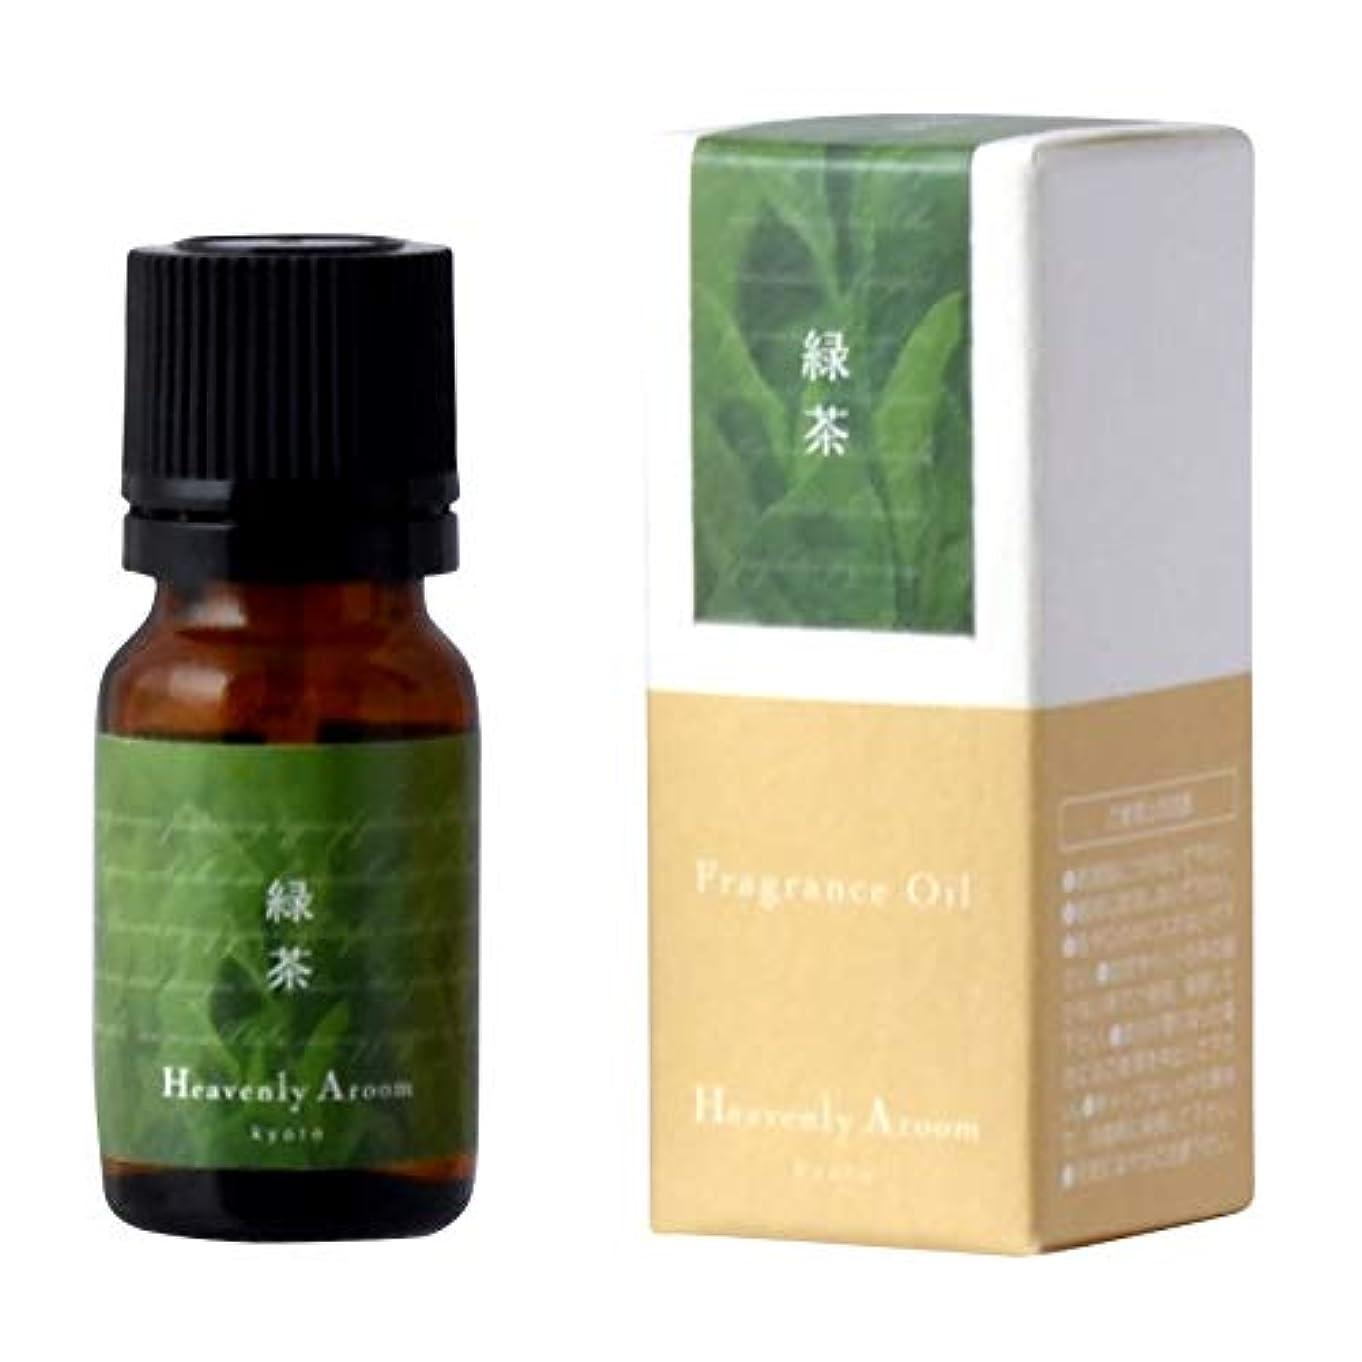 日荷物エンディングHeavenly Aroom フレグランスオイル 緑茶 10ml